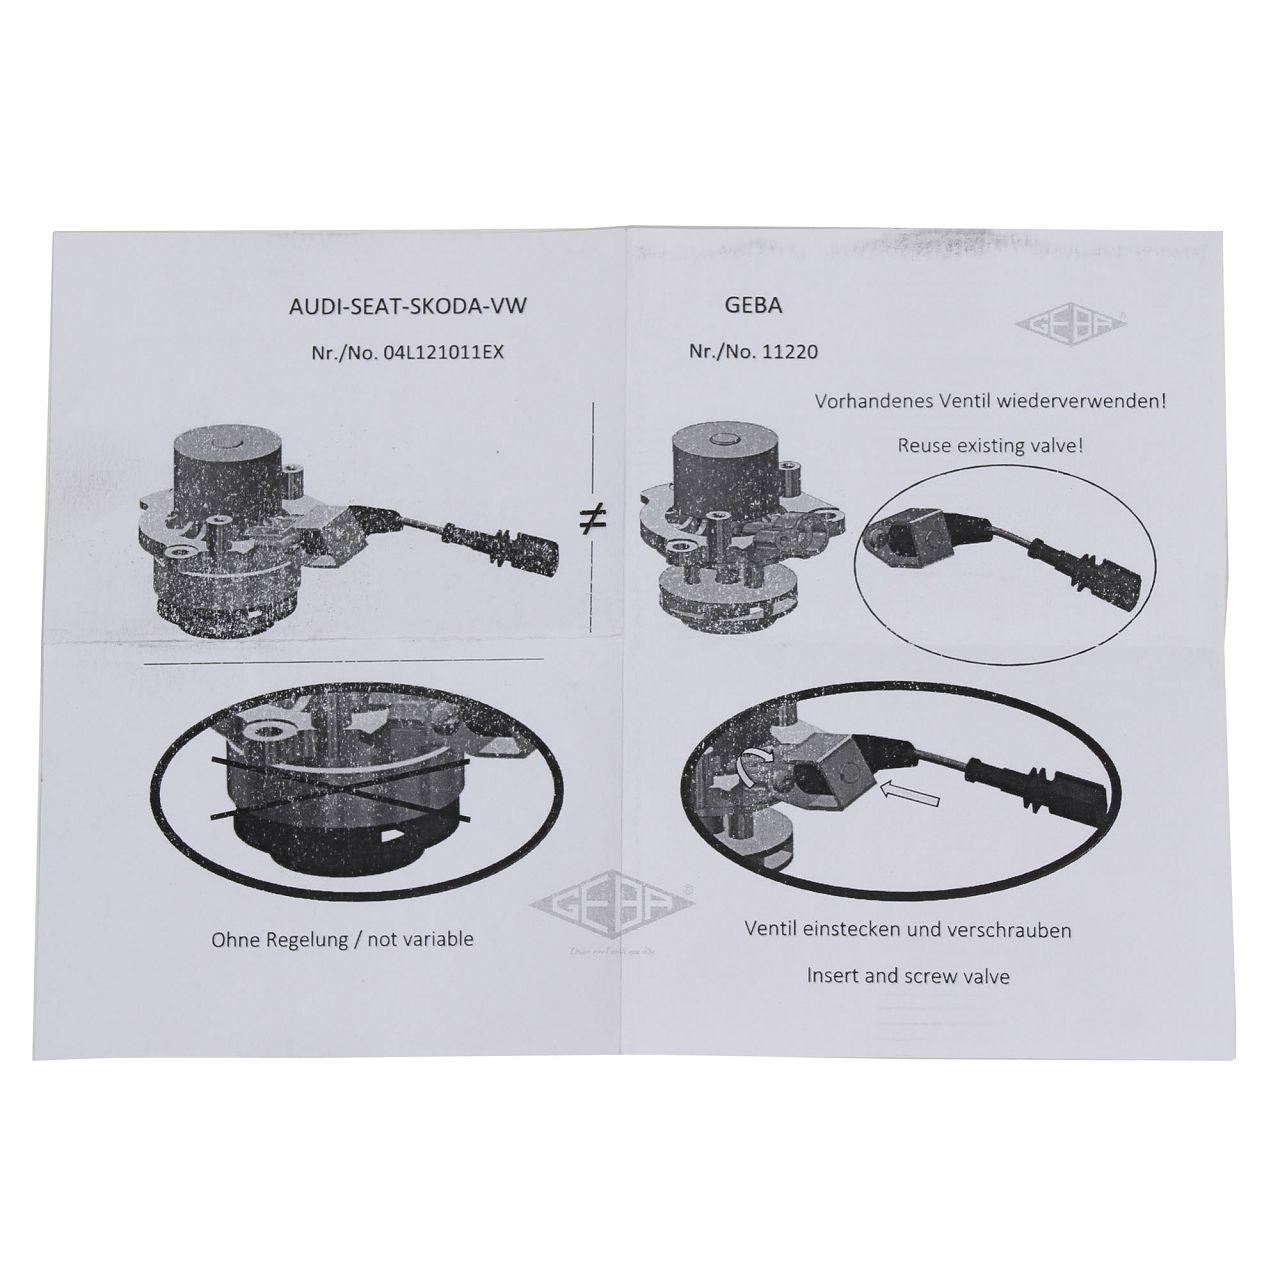 GEBA Wasserpumpe AUDI A1 A3 A4 A5 A6 SEAT SKODA VW Golf Passat 1.6/2.0 TDI 04L121011LX